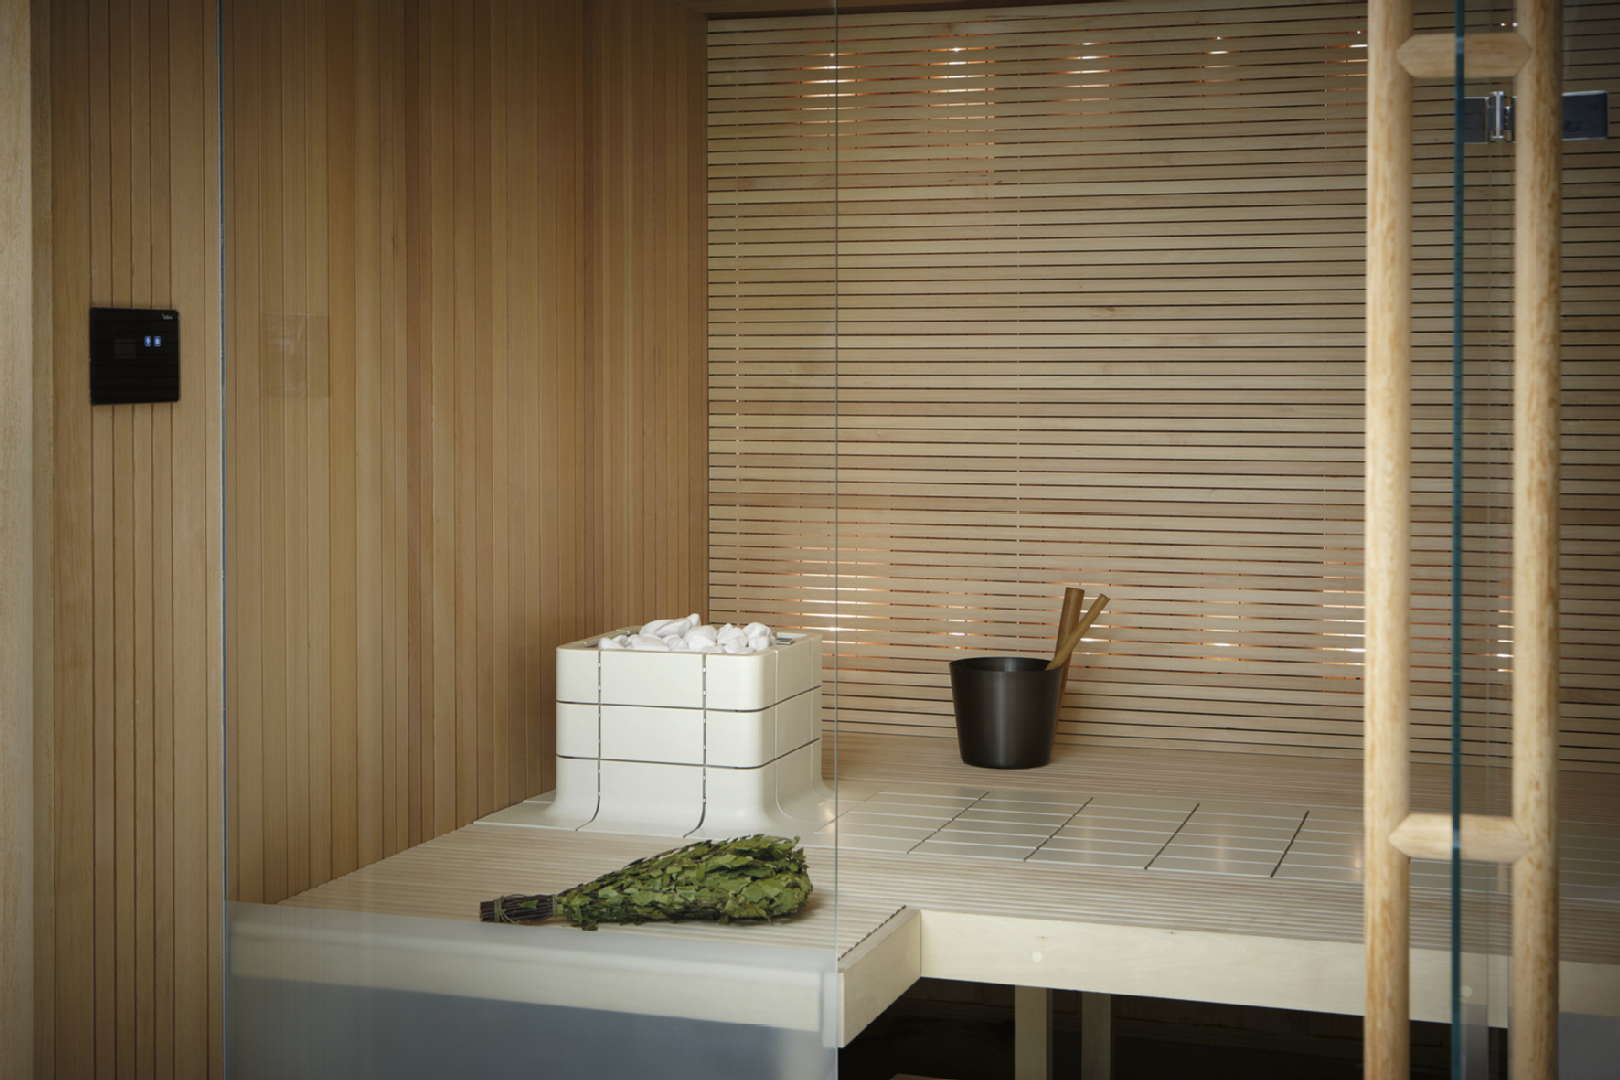 Sauna, Tulikivi: Nuoska integroitu kiuas, Deco koristekiuaskivi, Tulikivi touch screen kiuasohjain